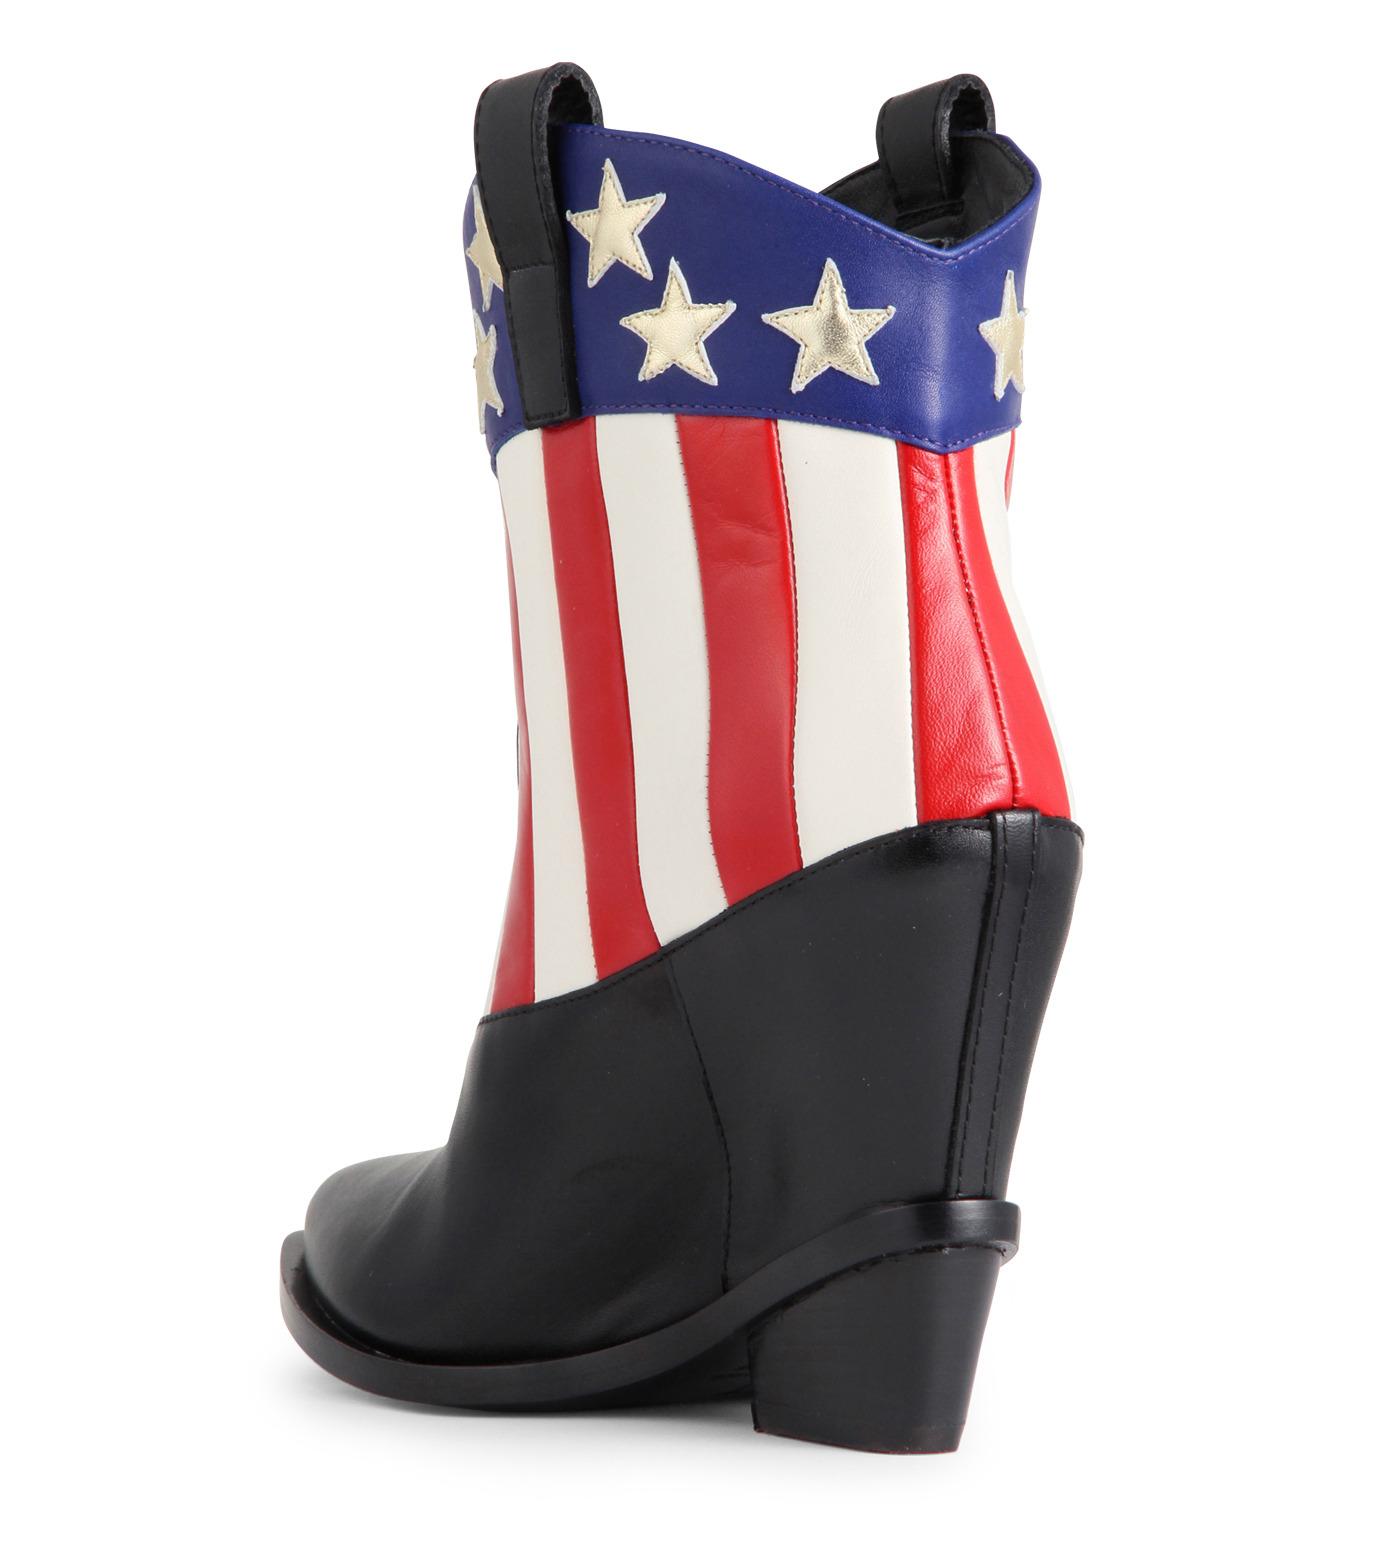 Giuseppe Zanotti Design(ジュゼッペザノッティ)のAmerican Flag Western Boots-MULTI COLOUR(ブーツ/boots)-E37042-9 拡大詳細画像2